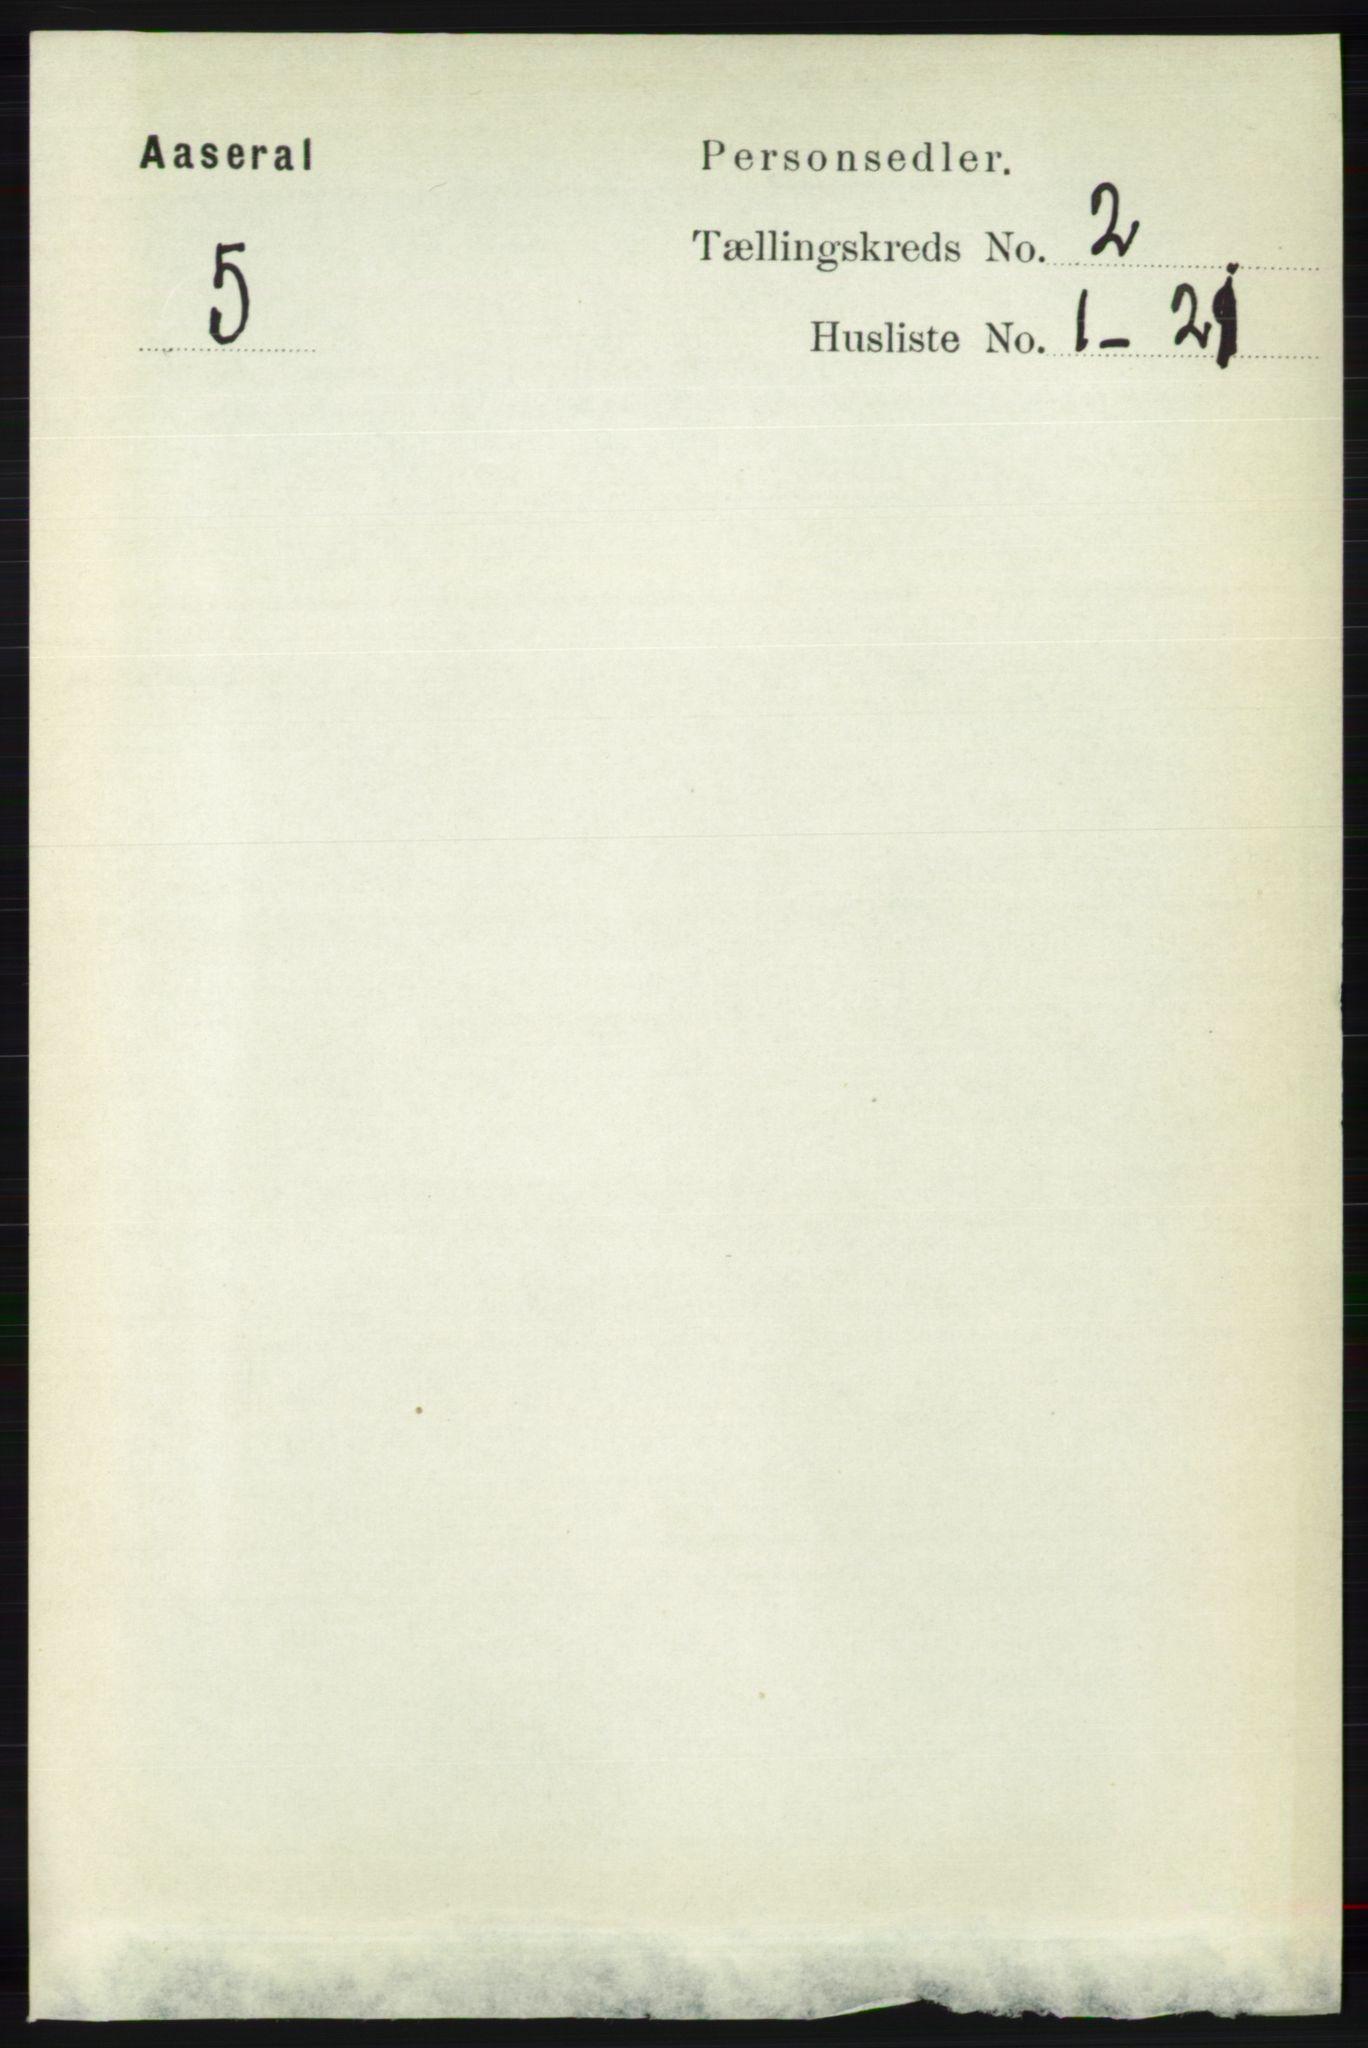 RA, Folketelling 1891 for 1026 Åseral herred, 1891, s. 387